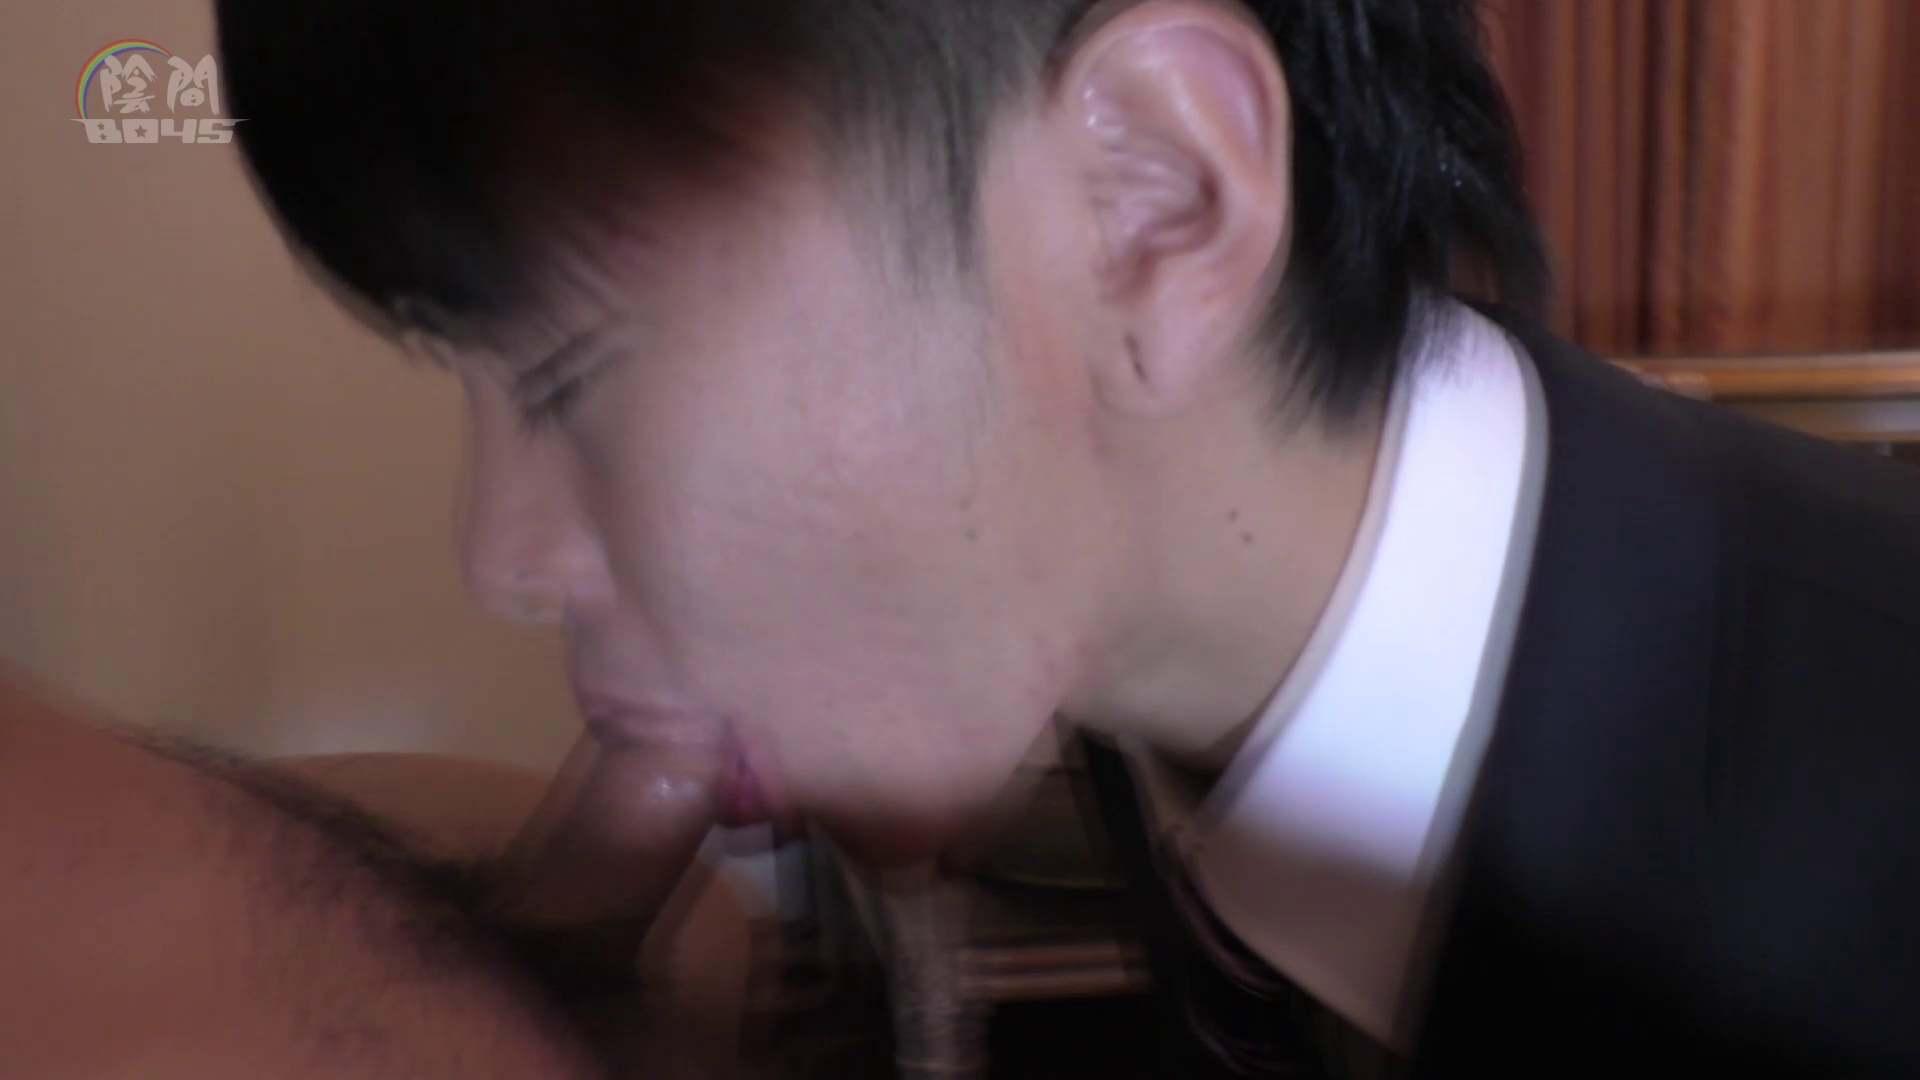 キャバクラの仕事はアナルから6  ~アナルの囁き~Vol.03 アナル挿入 ゲイエロ動画 65pic 36